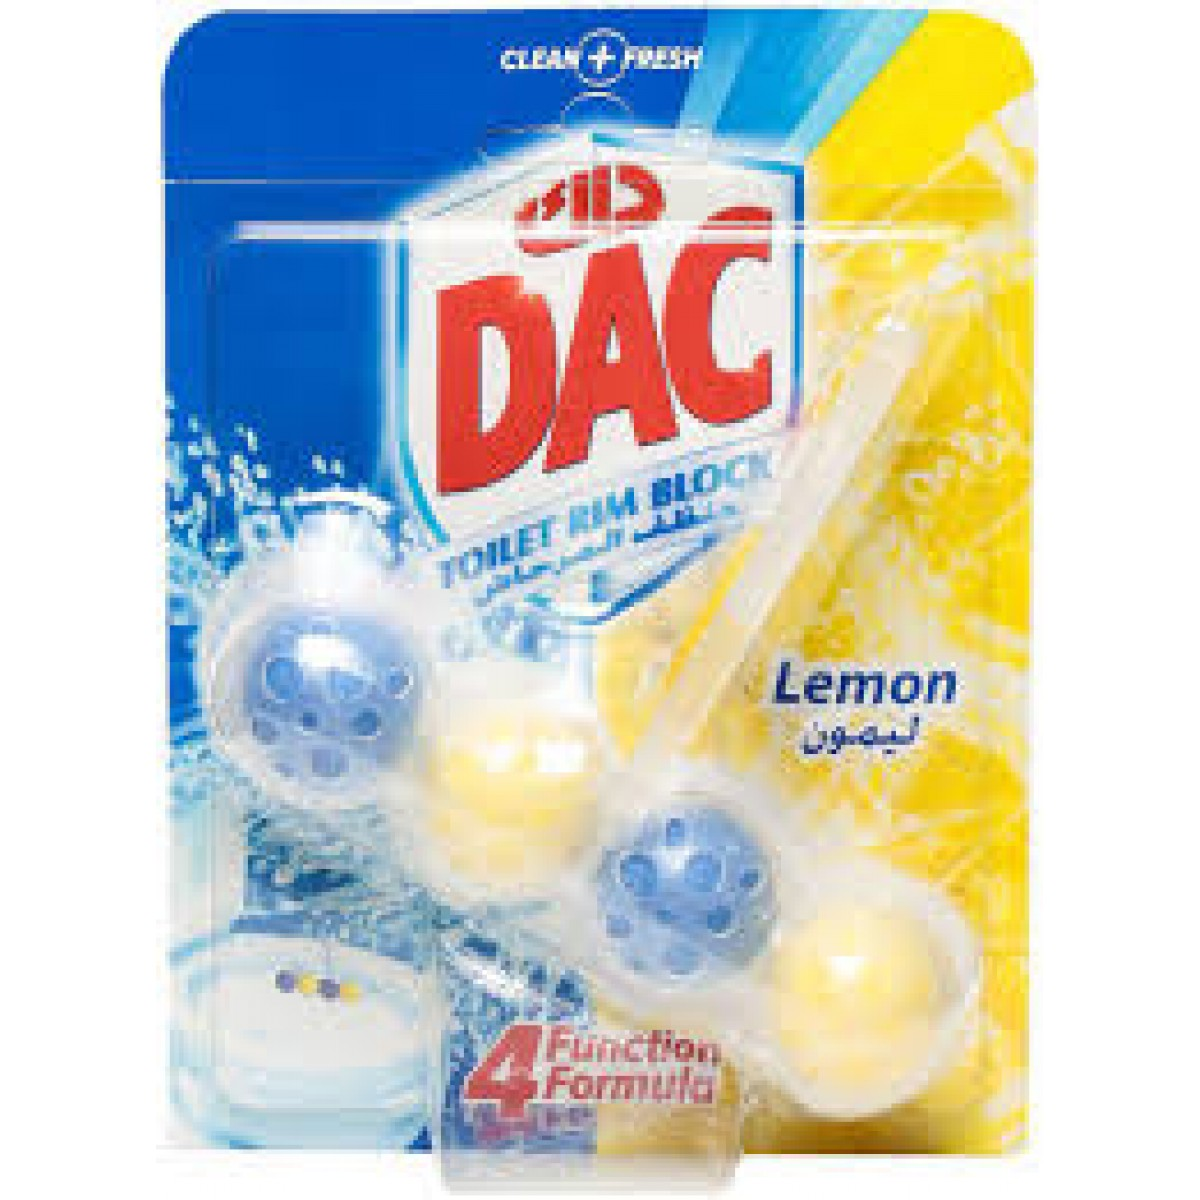 منظف المرحاض باور اكتيف صحي 50 جرام ليمون